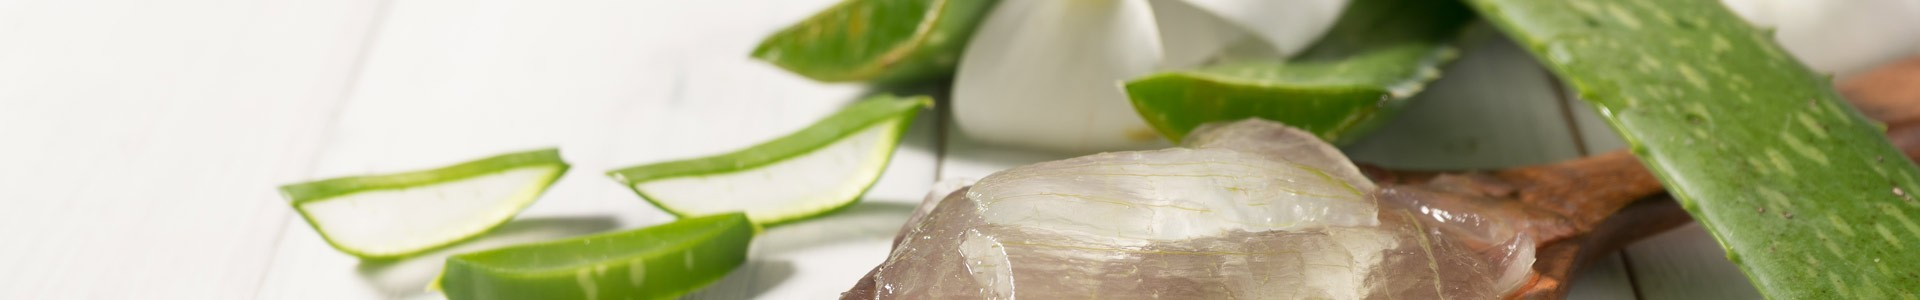 Körperöle für eine besondere Pflege mit Arganöl